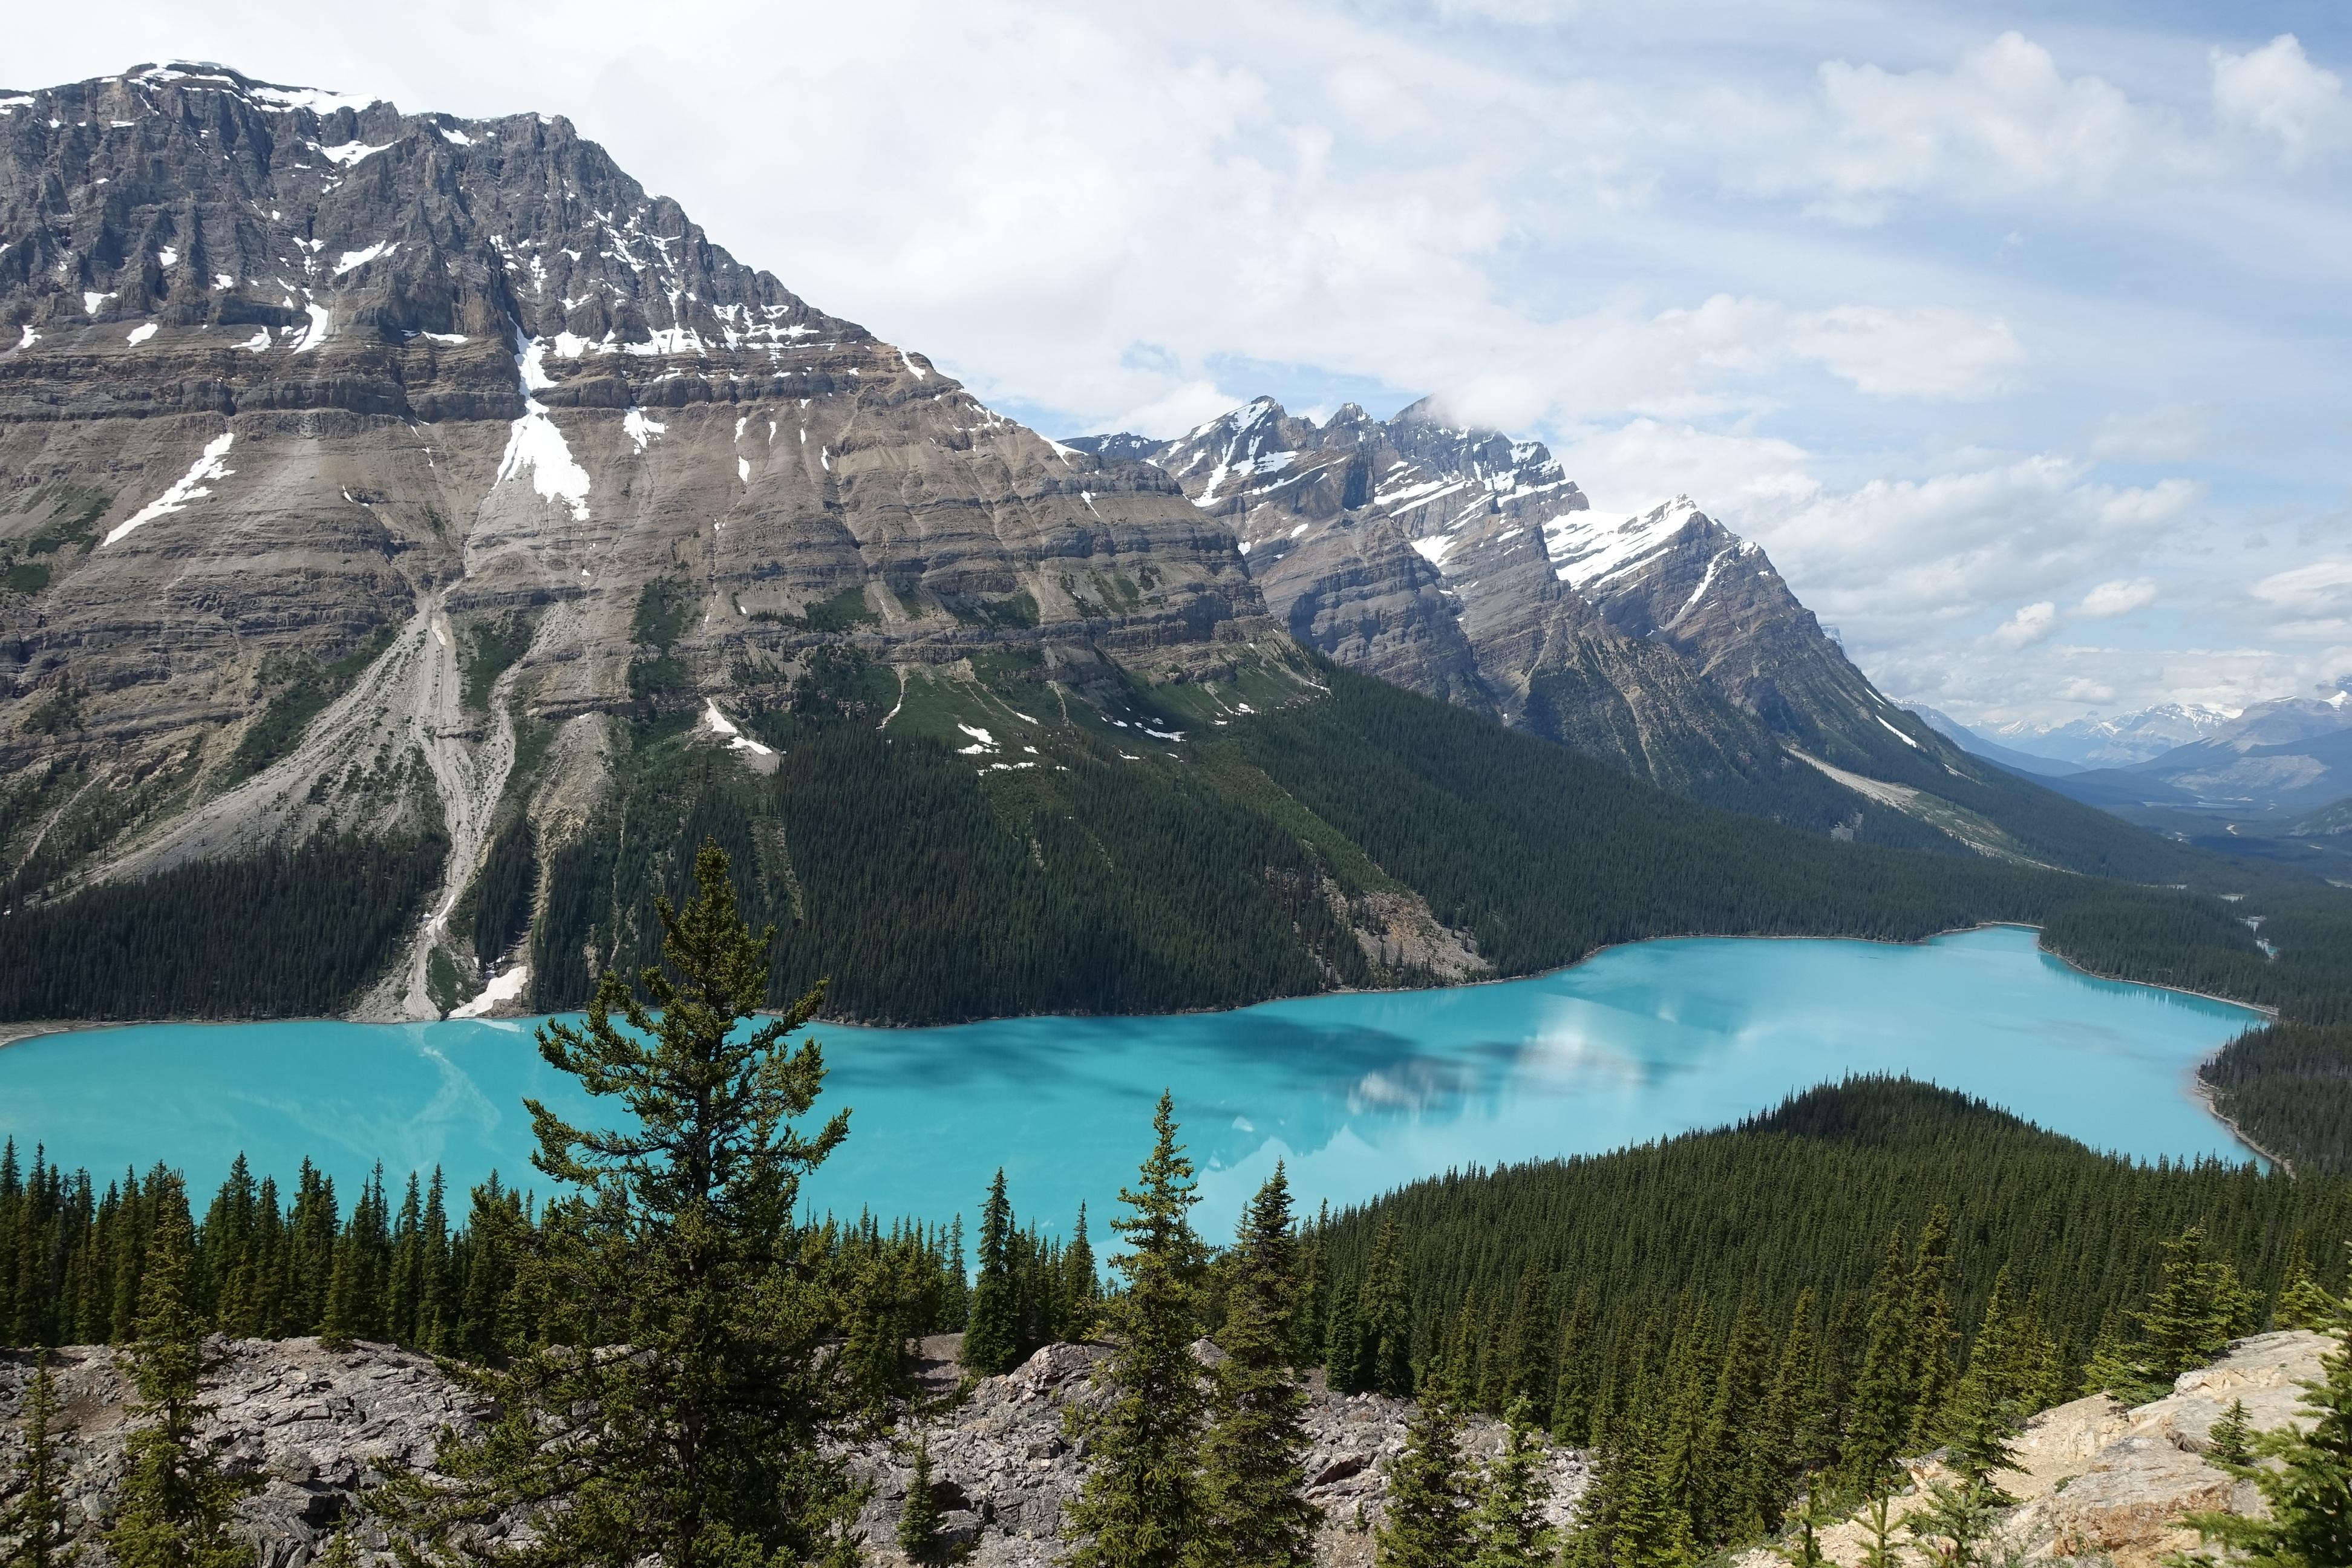 CANADA - AB - banff nat park - lake